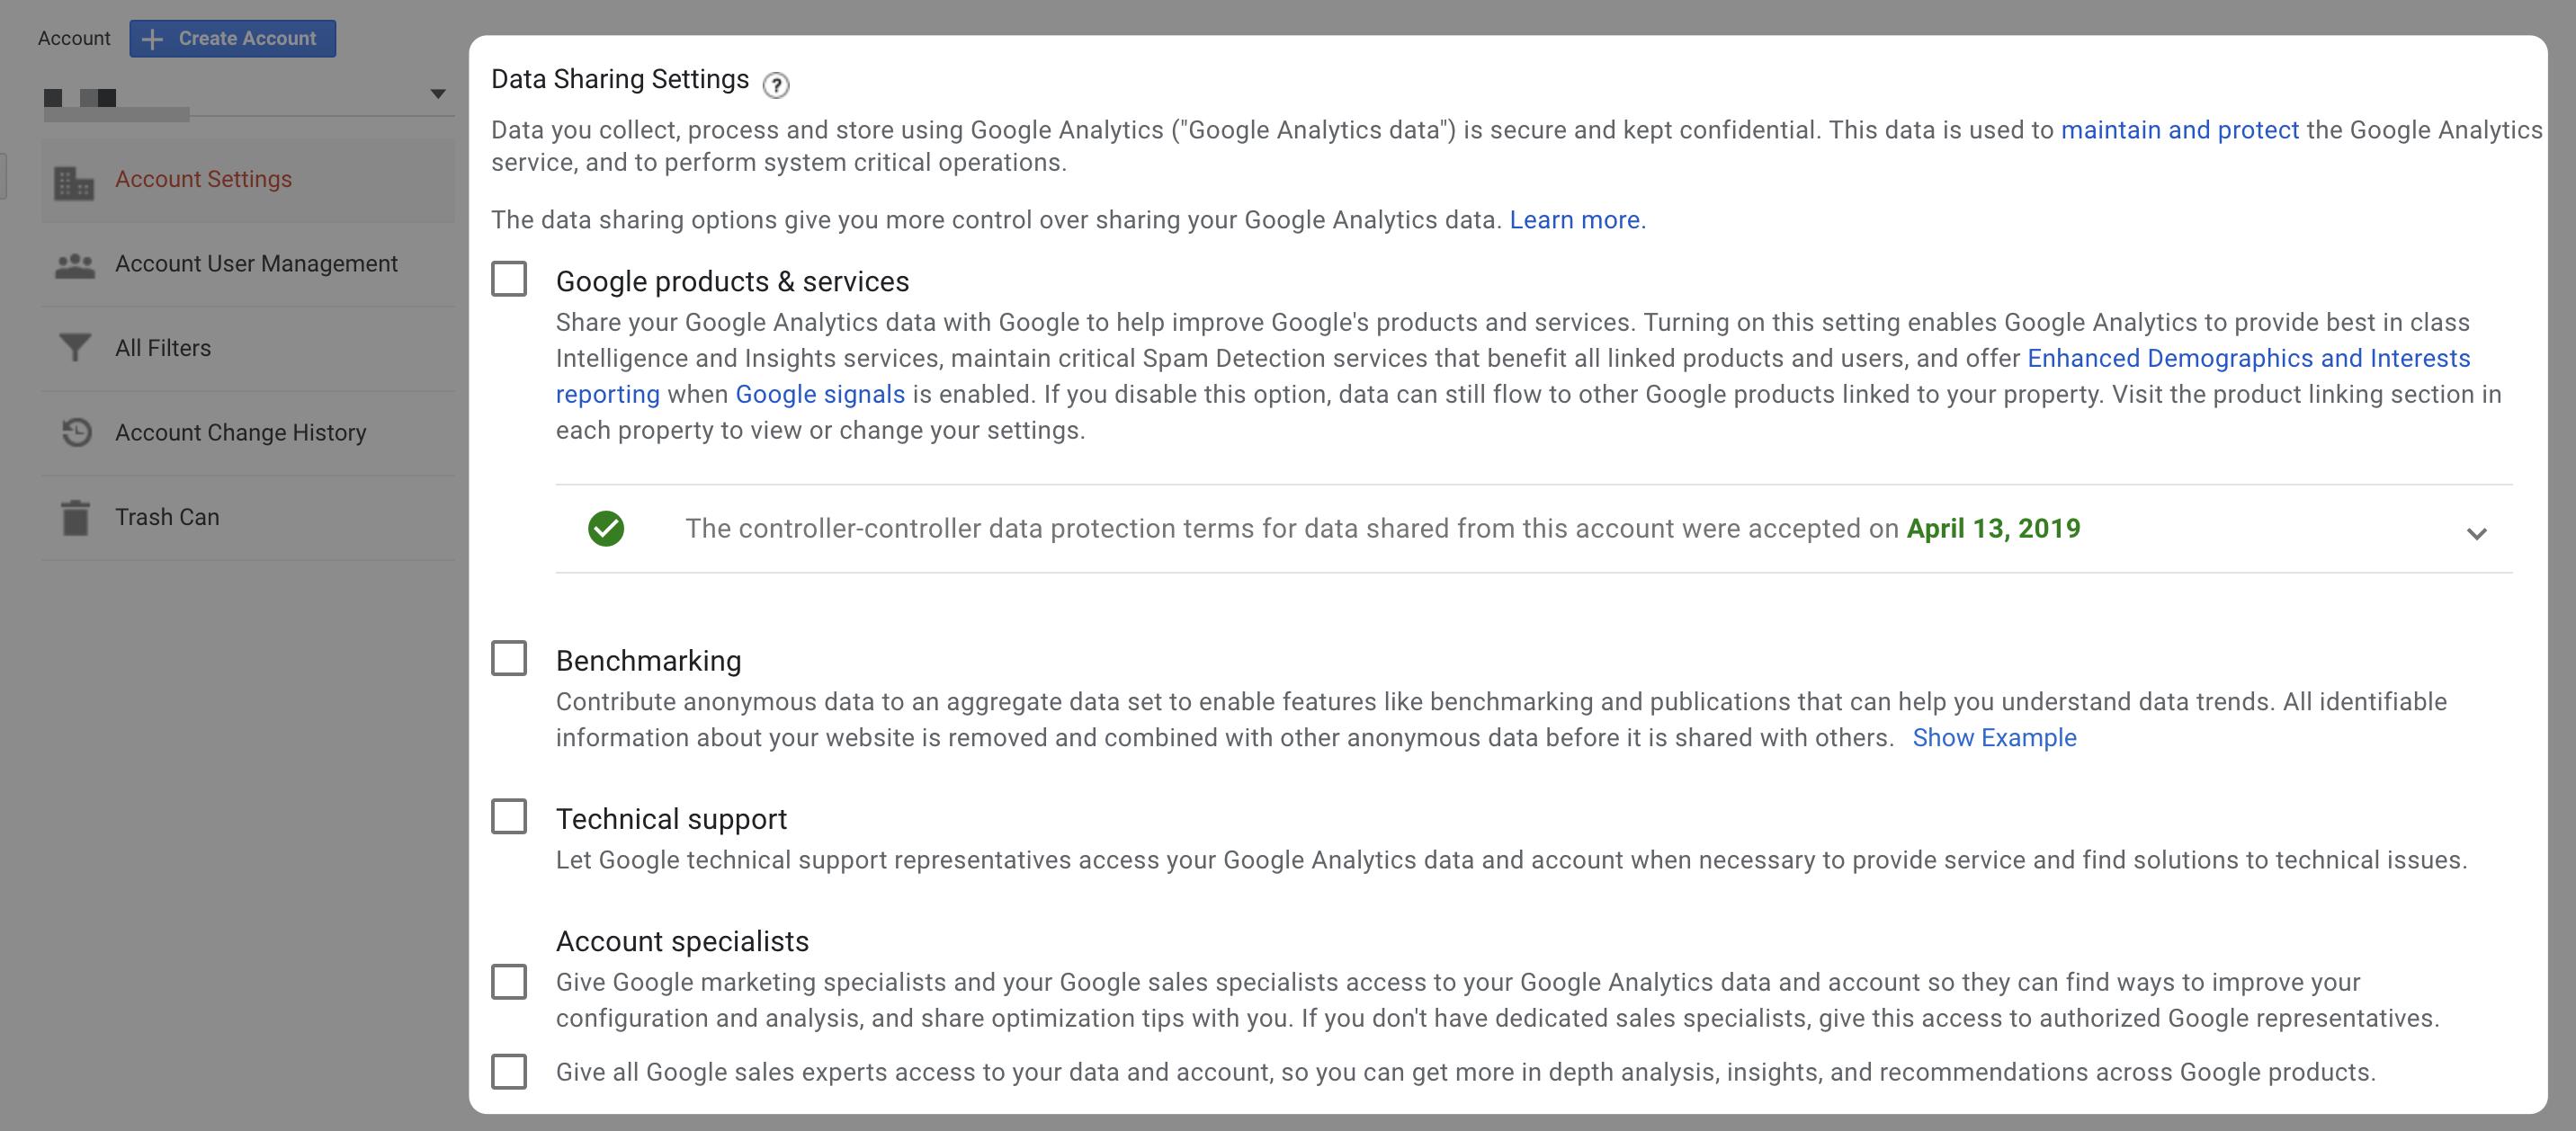 Google Analytics Data Sharing Settings